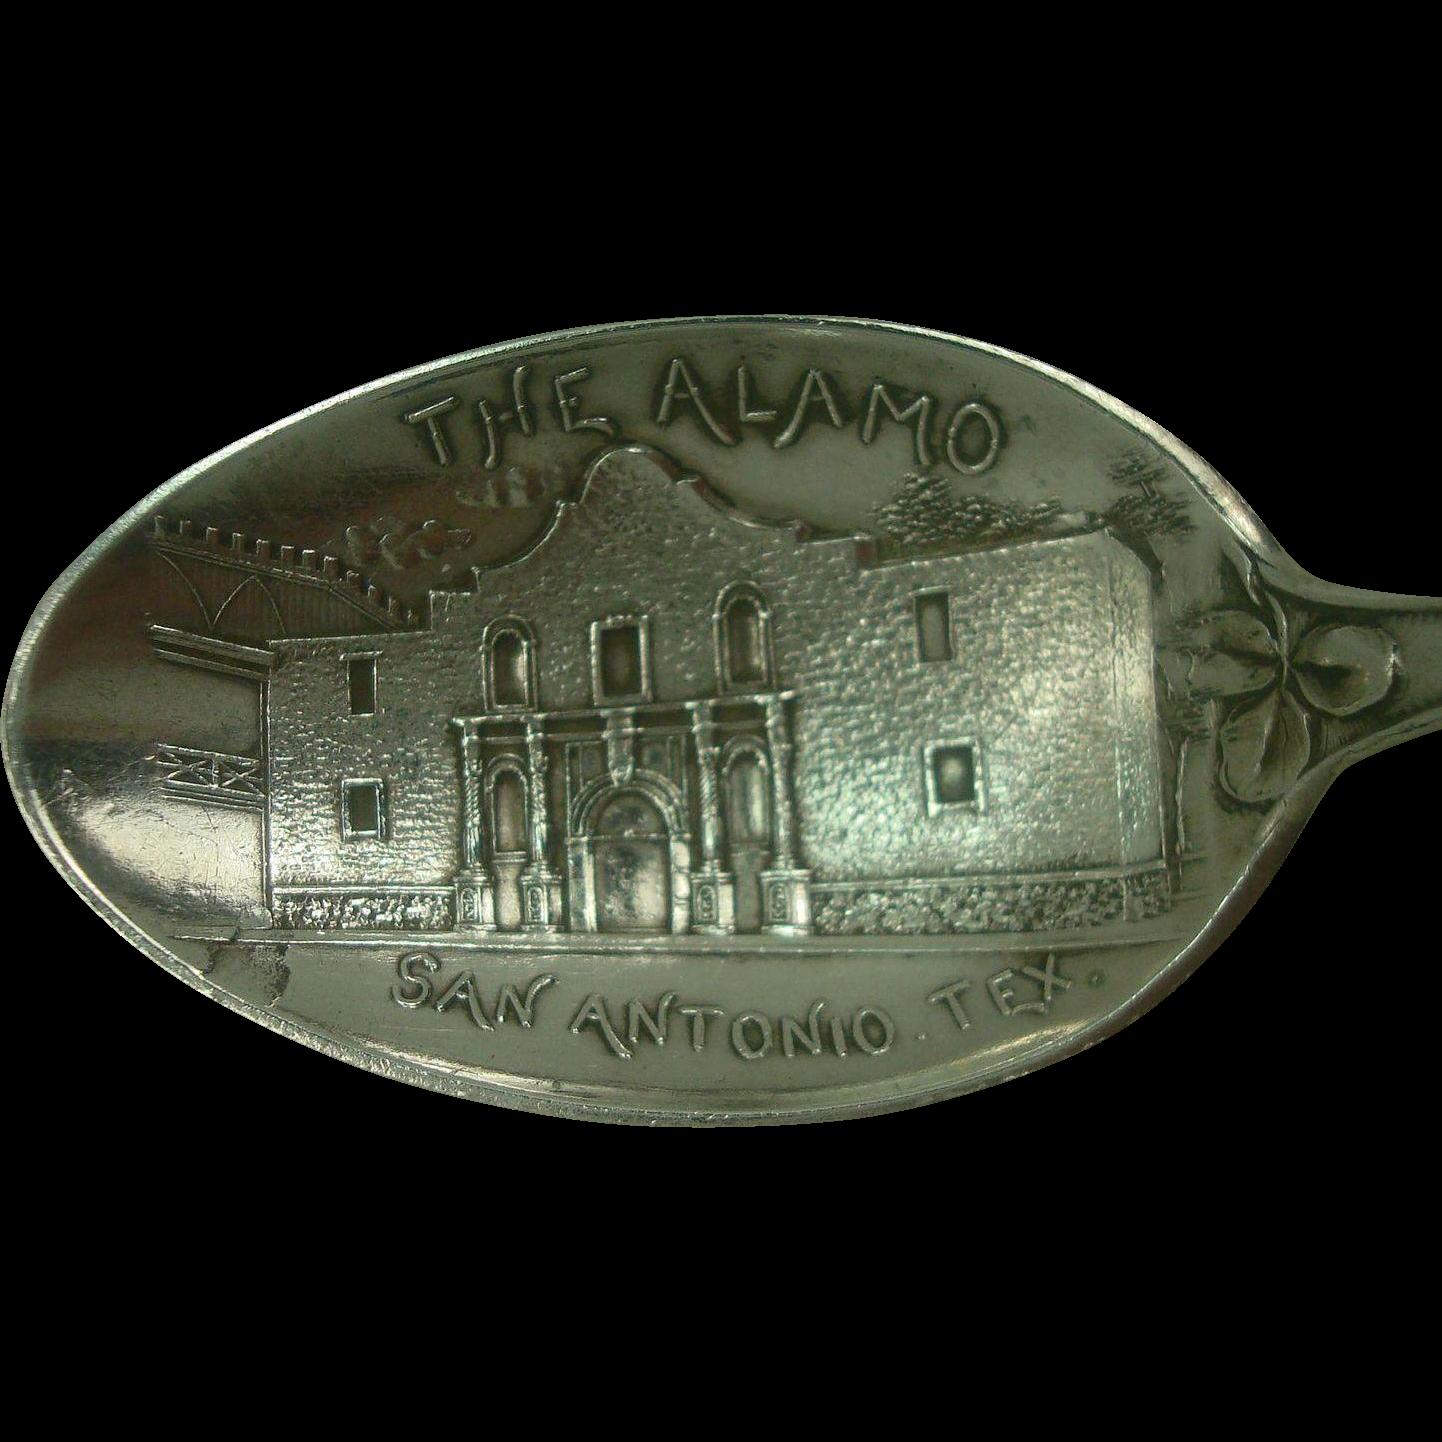 The Alamo San Antonio Texas Souvenir Spoon